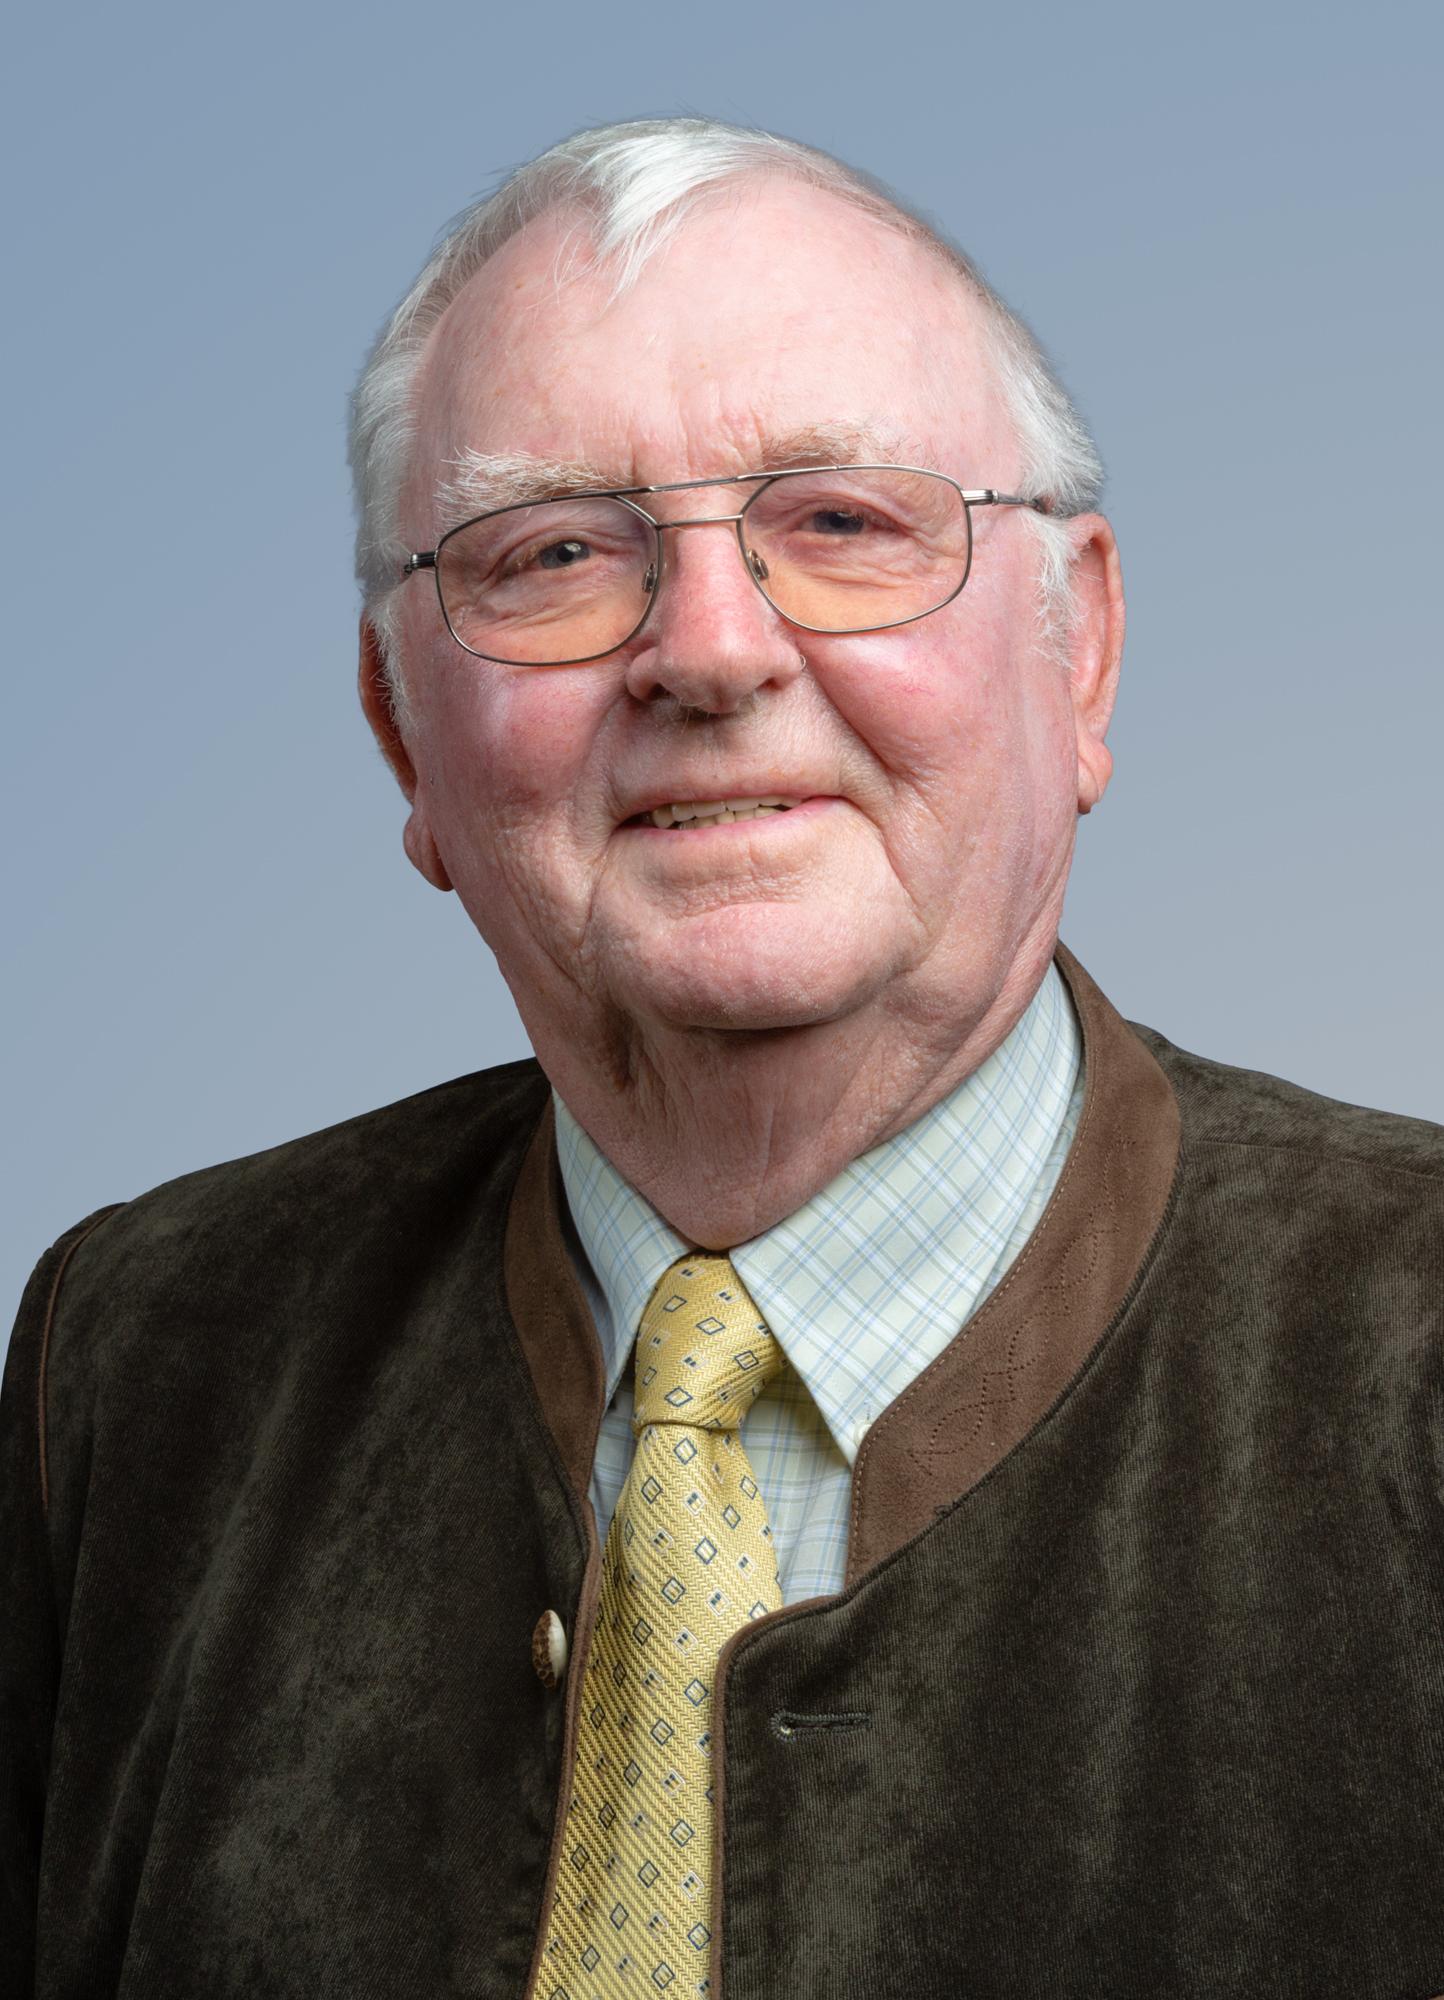 Helmut Heidelberg für Kofferen / Hottorf